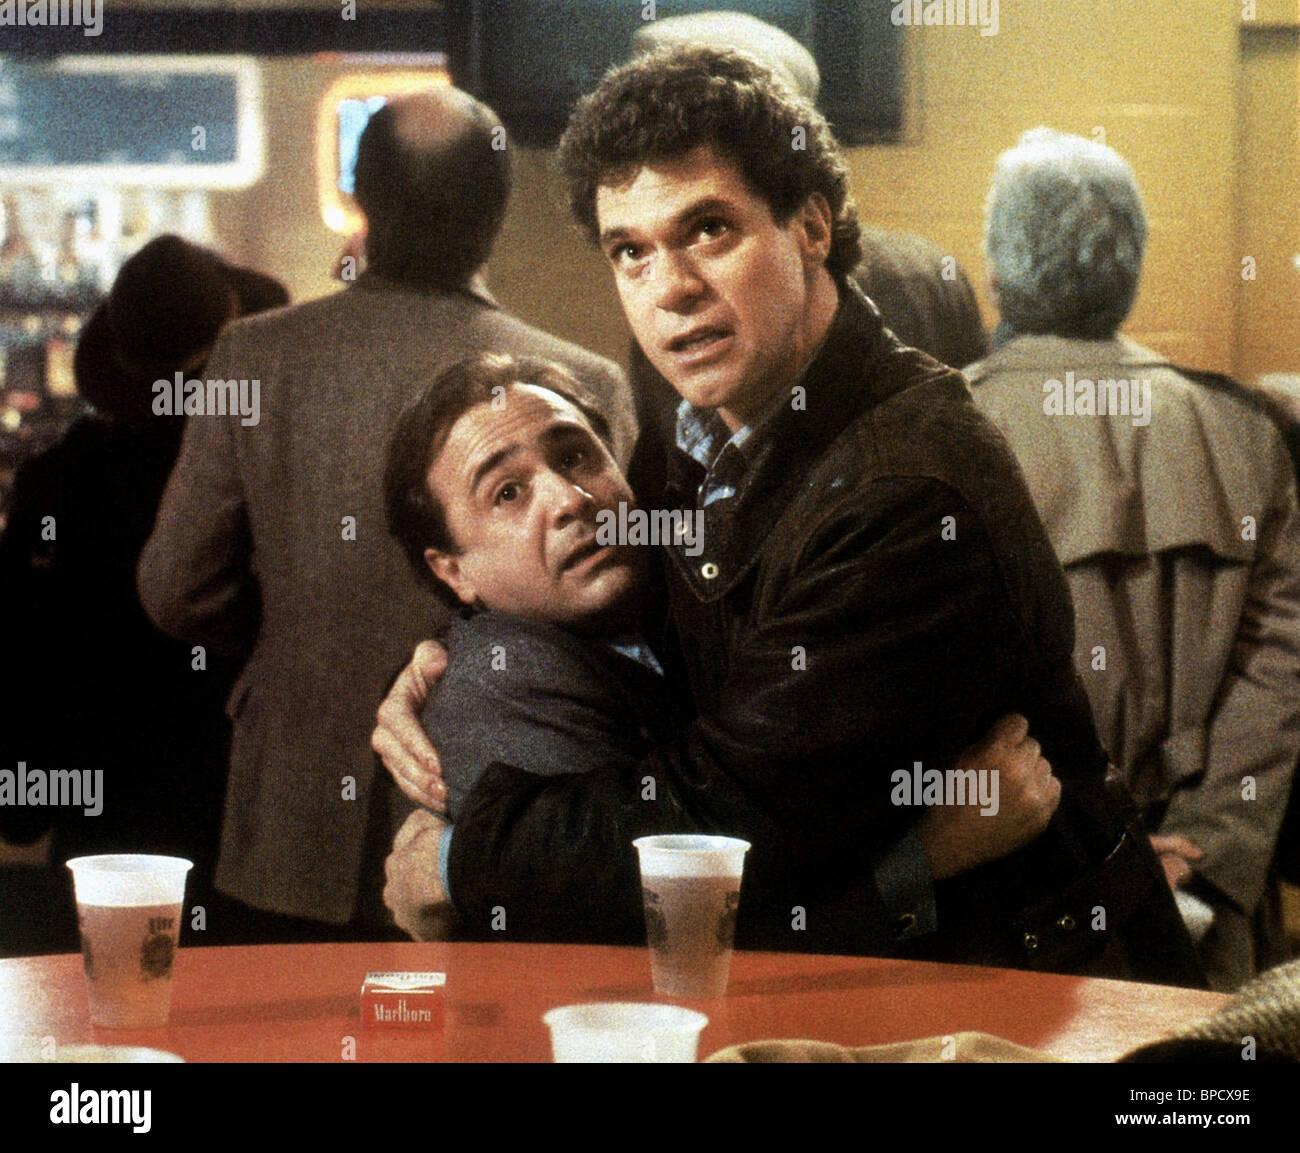 DANNY DI VITTO & JOE PISCOPO WISE GUYS (1986) - Stock Image